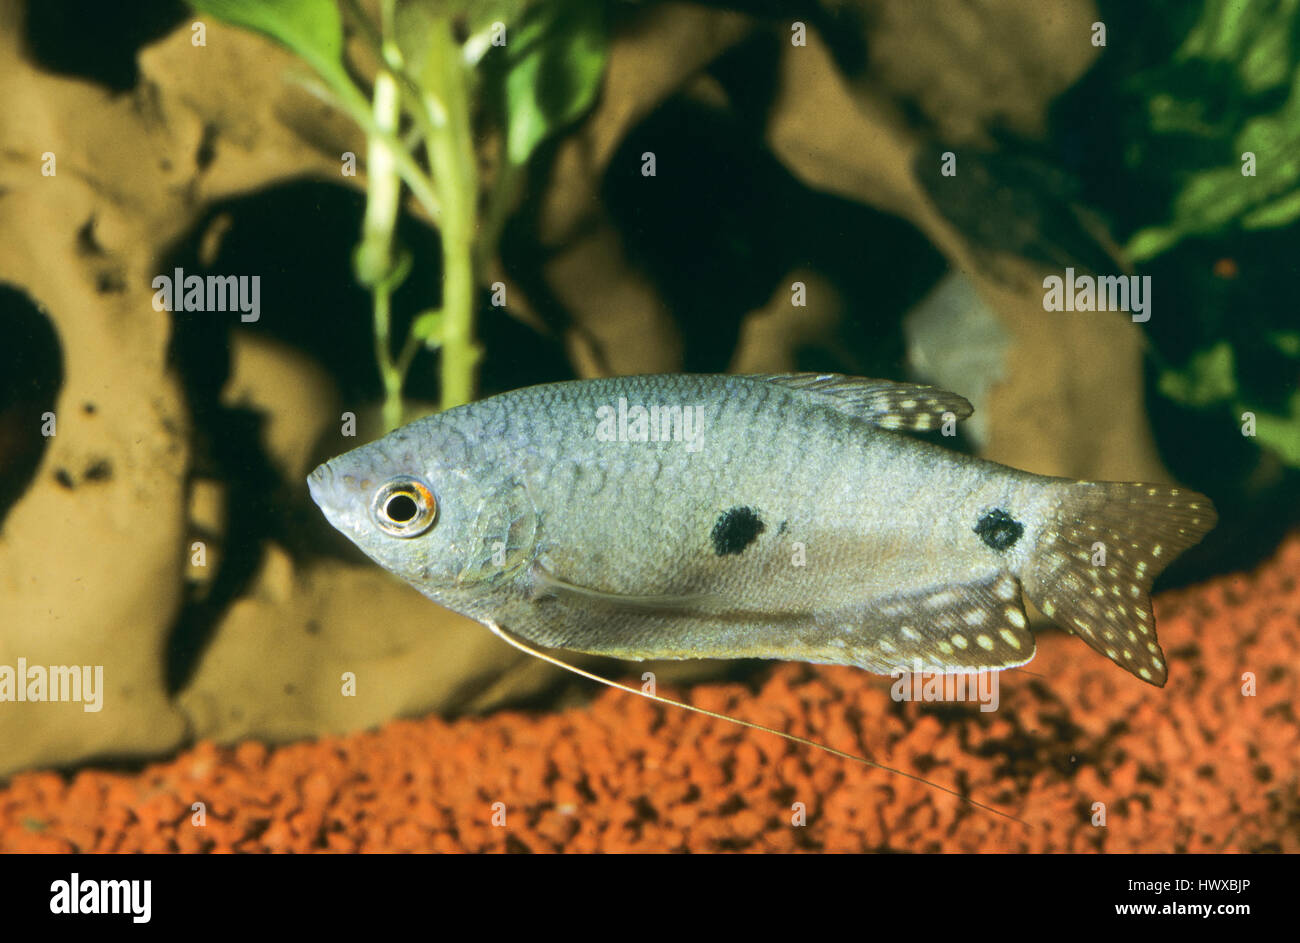 Gepunkteter Fadenfisch, Punktierter Fadenfisch, Blauer Fadenfisch, Trichopodus trichopterus, Trichogaster trichopterus, Stock Photo